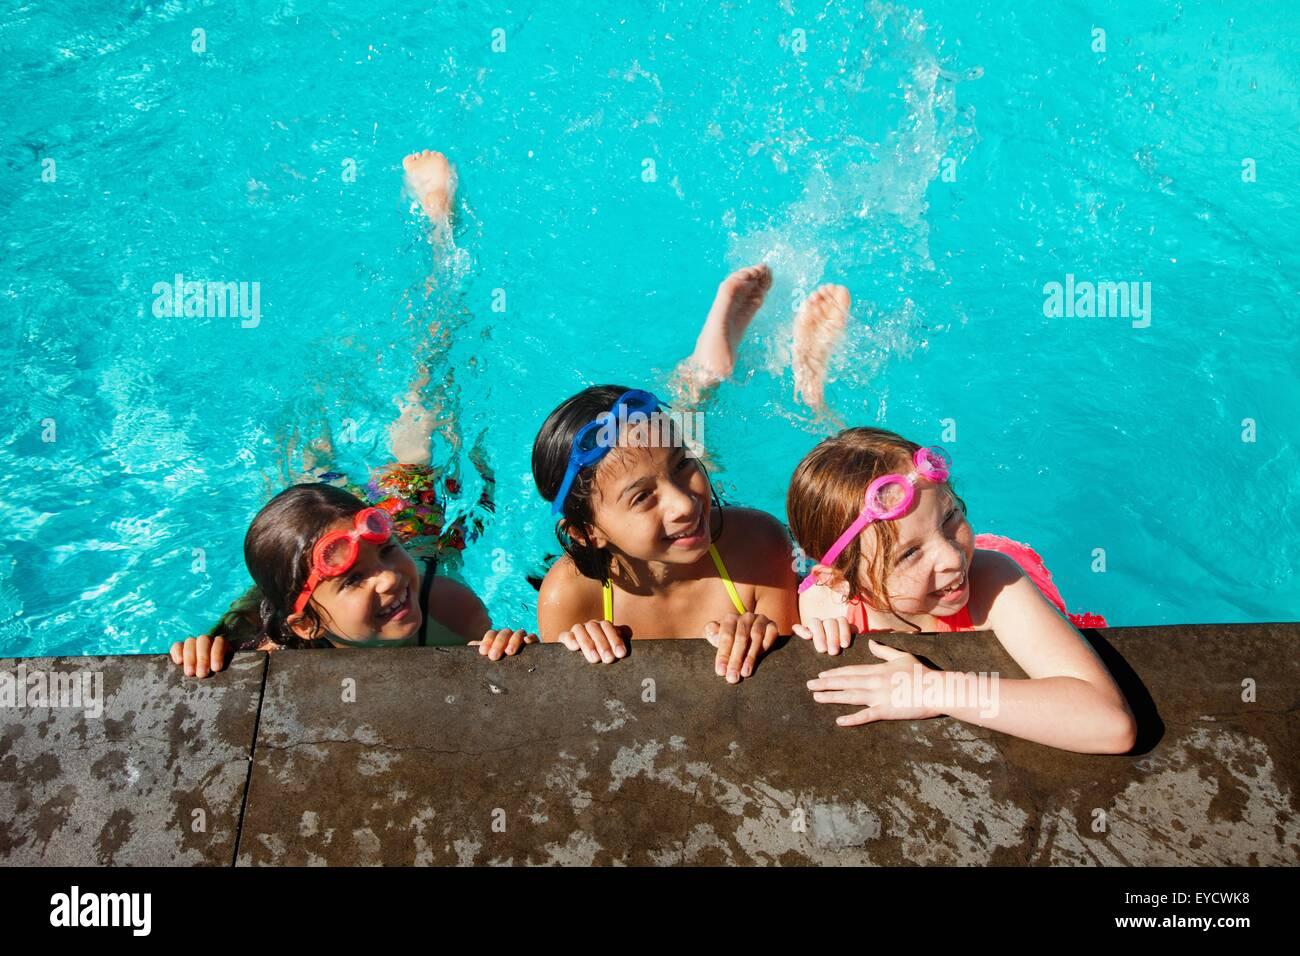 Les filles au bord de la piscine Banque D'Images